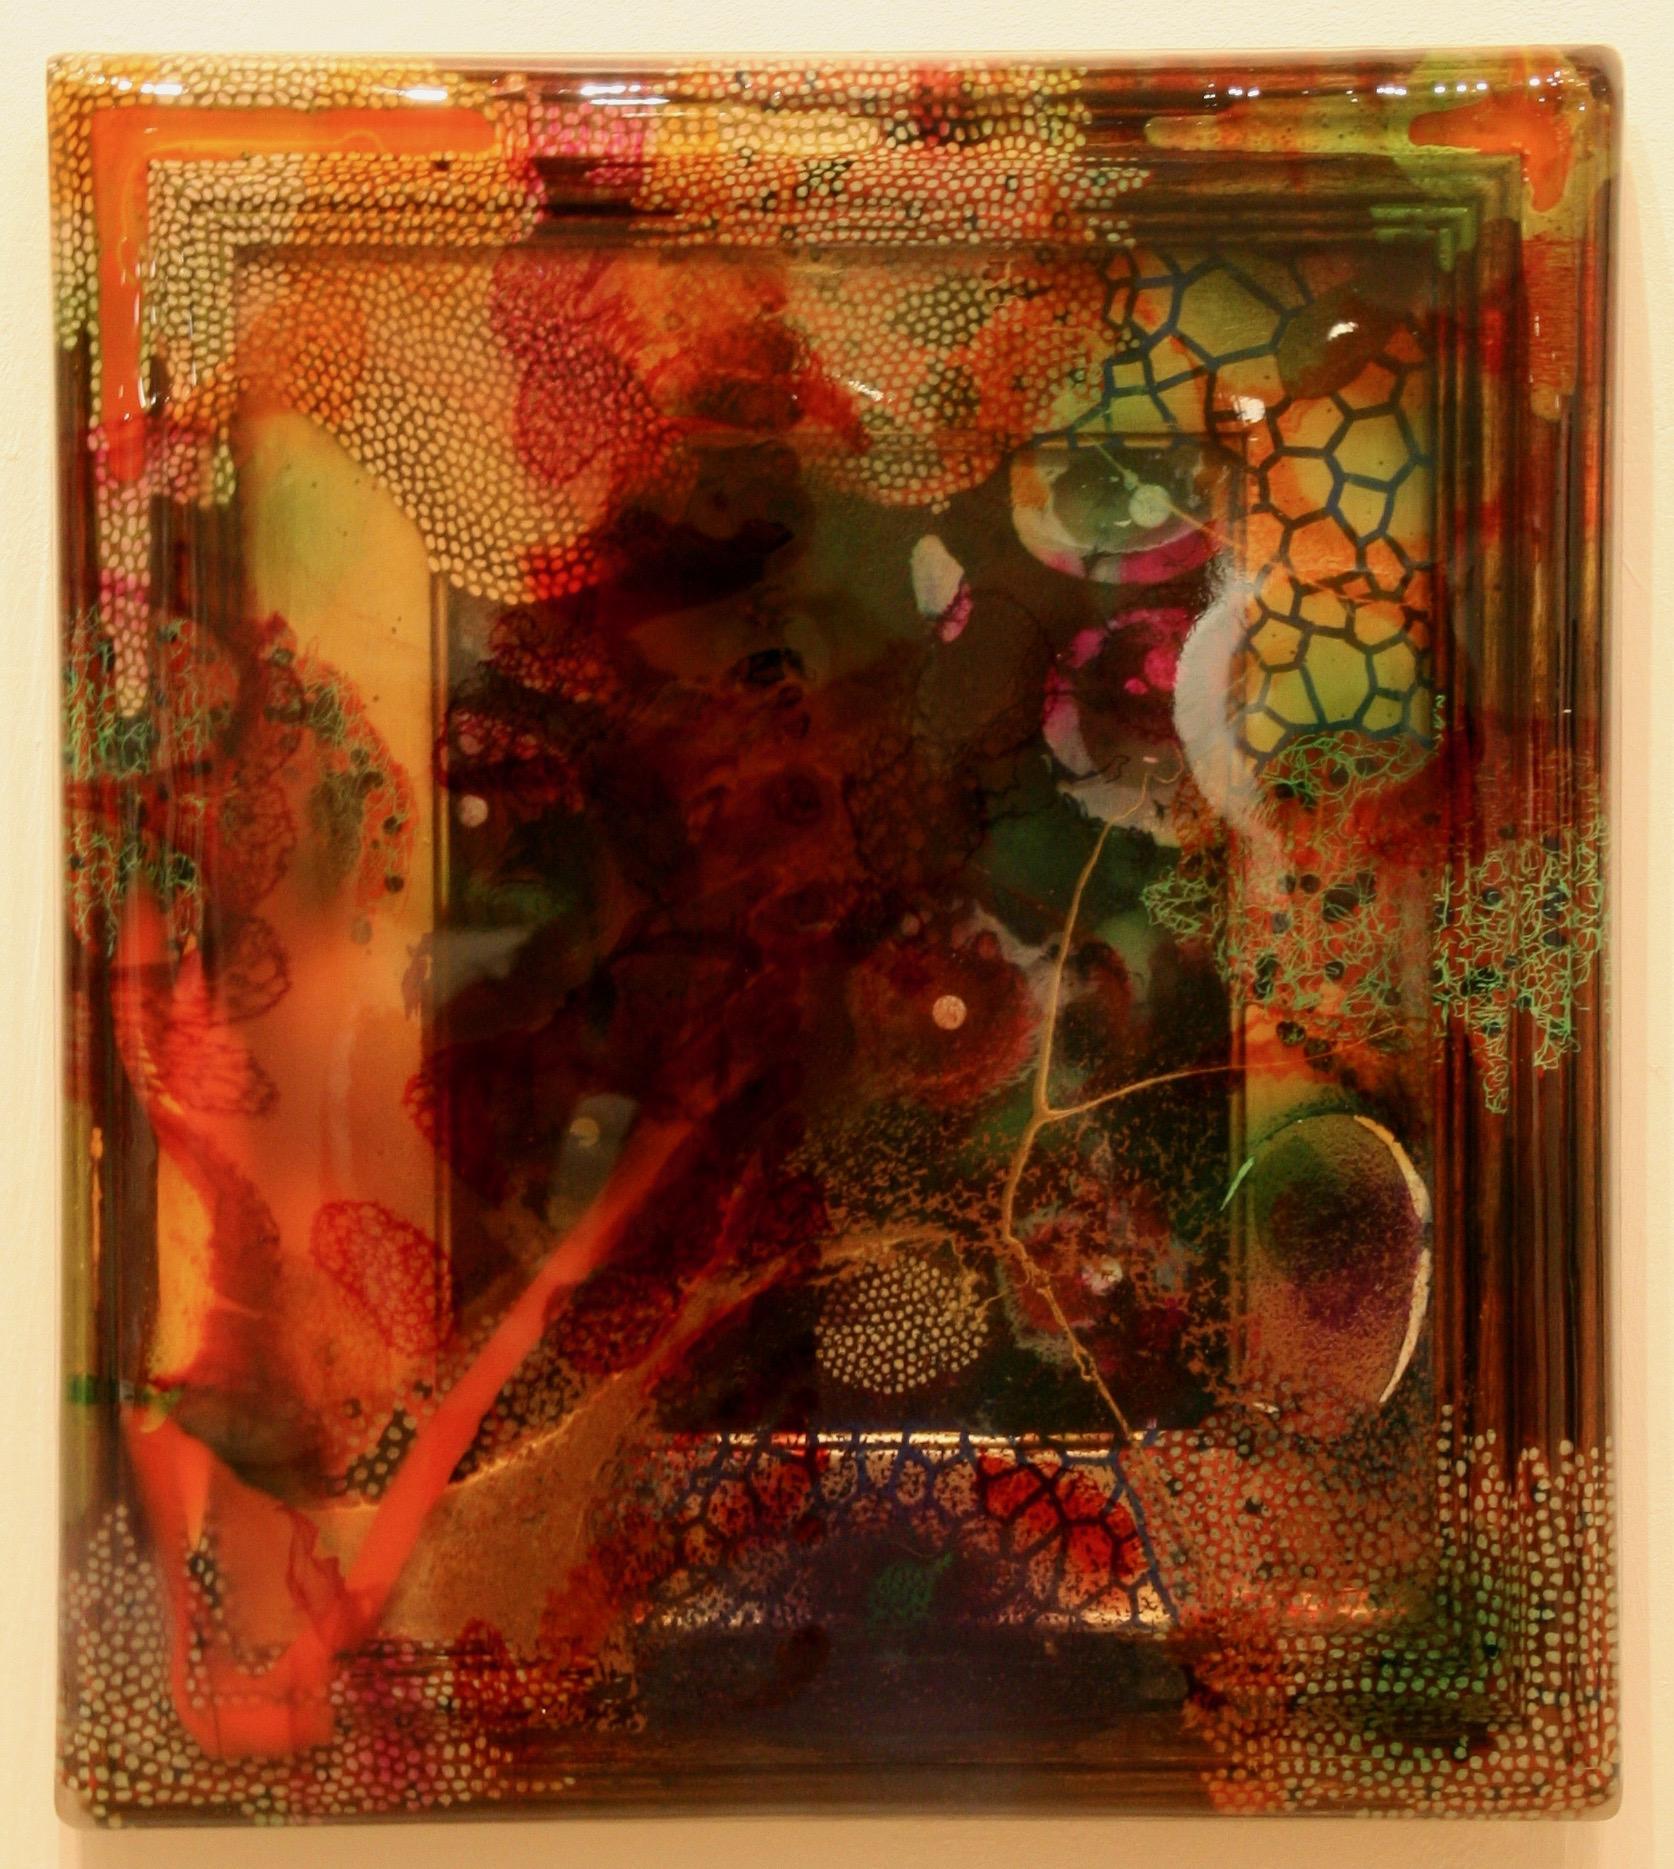 Artwork Benjamin S Lees